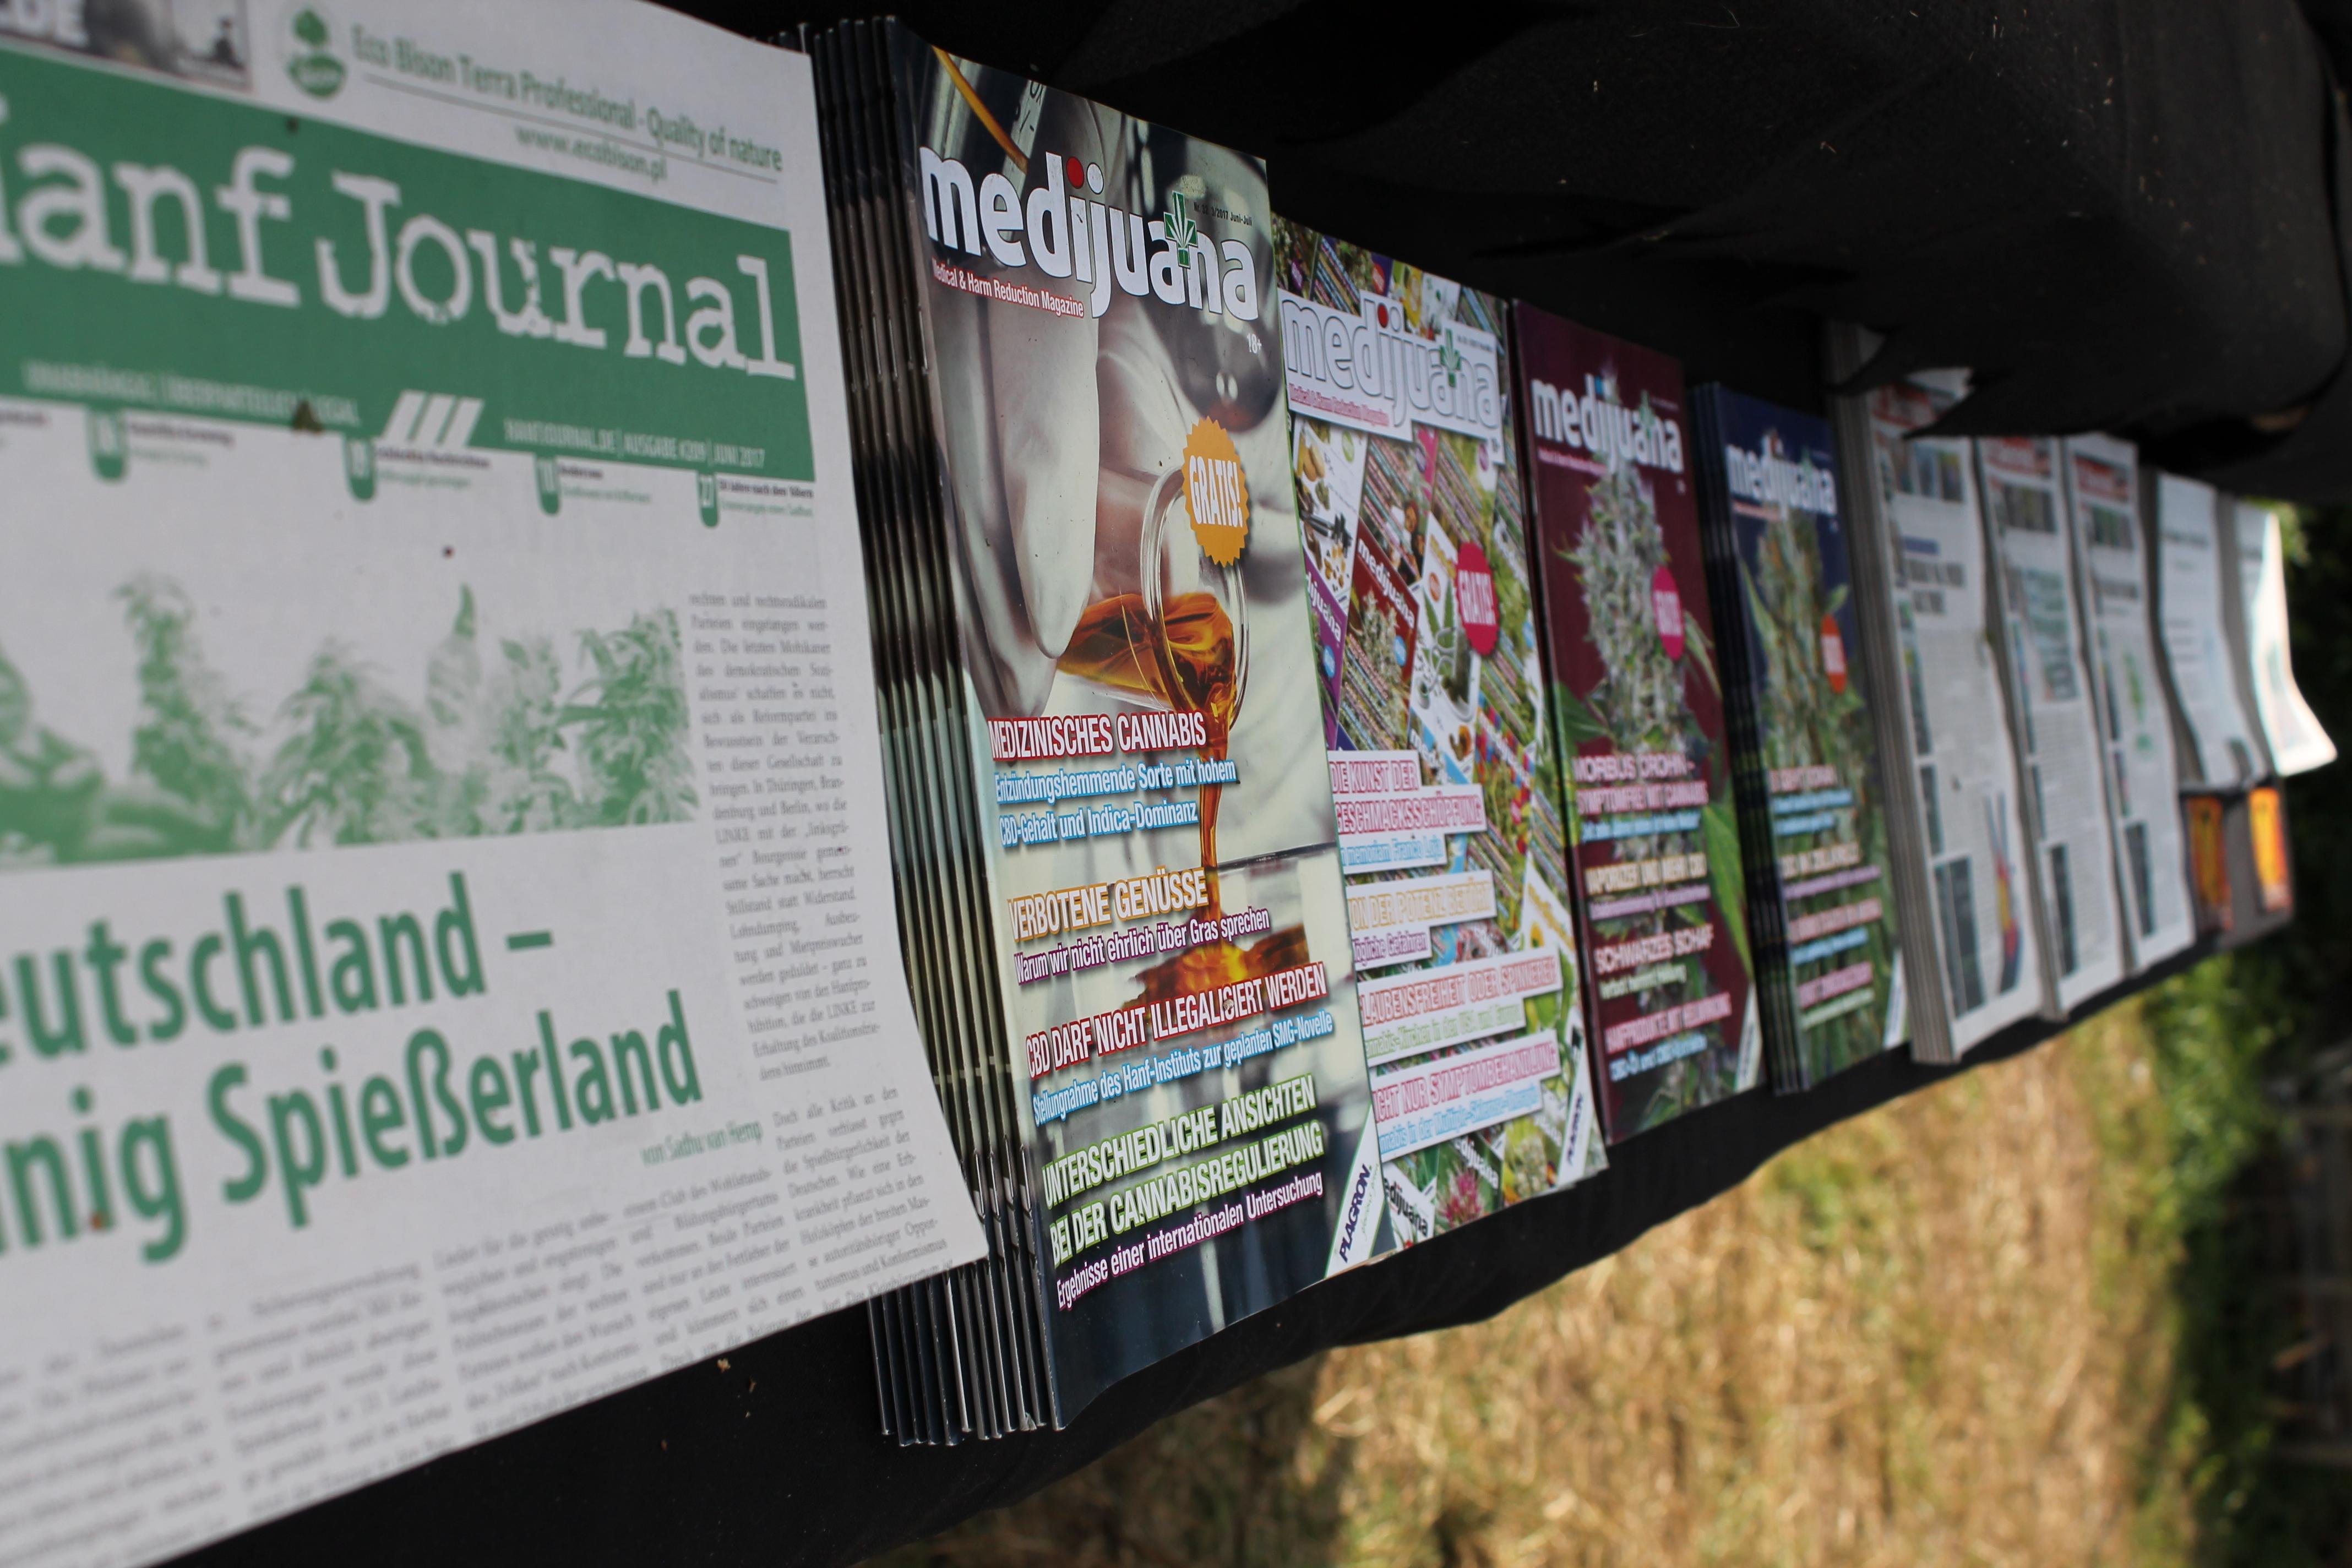 Abbildung 5 zeigt die Zeitschriftenauslage auf der Außenseite des Drogeninfostandes auf dem New Healing Festival 2017. Ausgelegt zur Mitnahme waren Ausgaben des Hanf Journals, der Medijuana sowie der Soft Secrets. Foto: Tomek (CC BY-SA 3.0 DE)